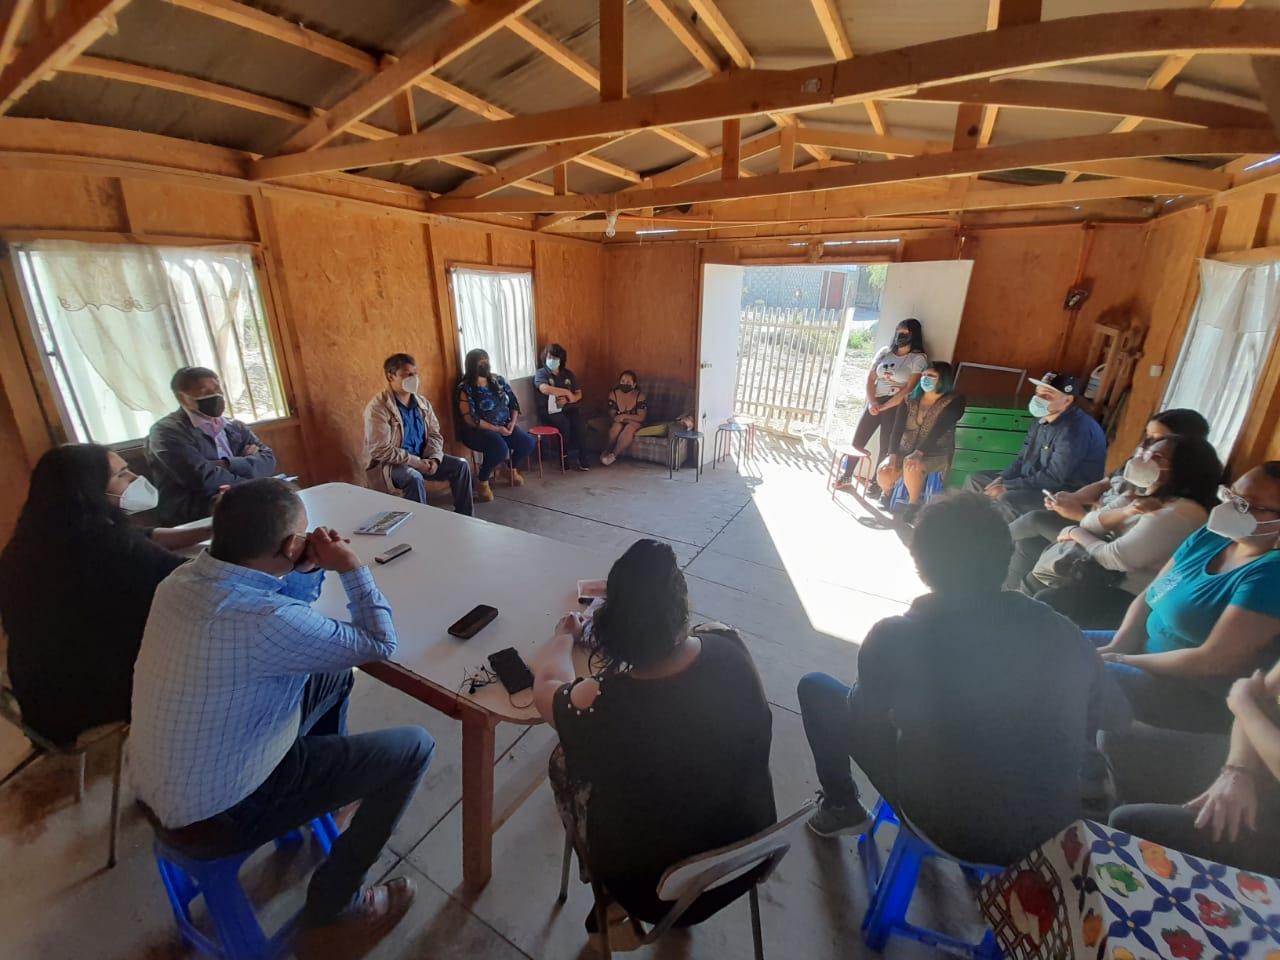 Se anuncia proyecto de habitabilidad para el campamento más allá de la cordillera